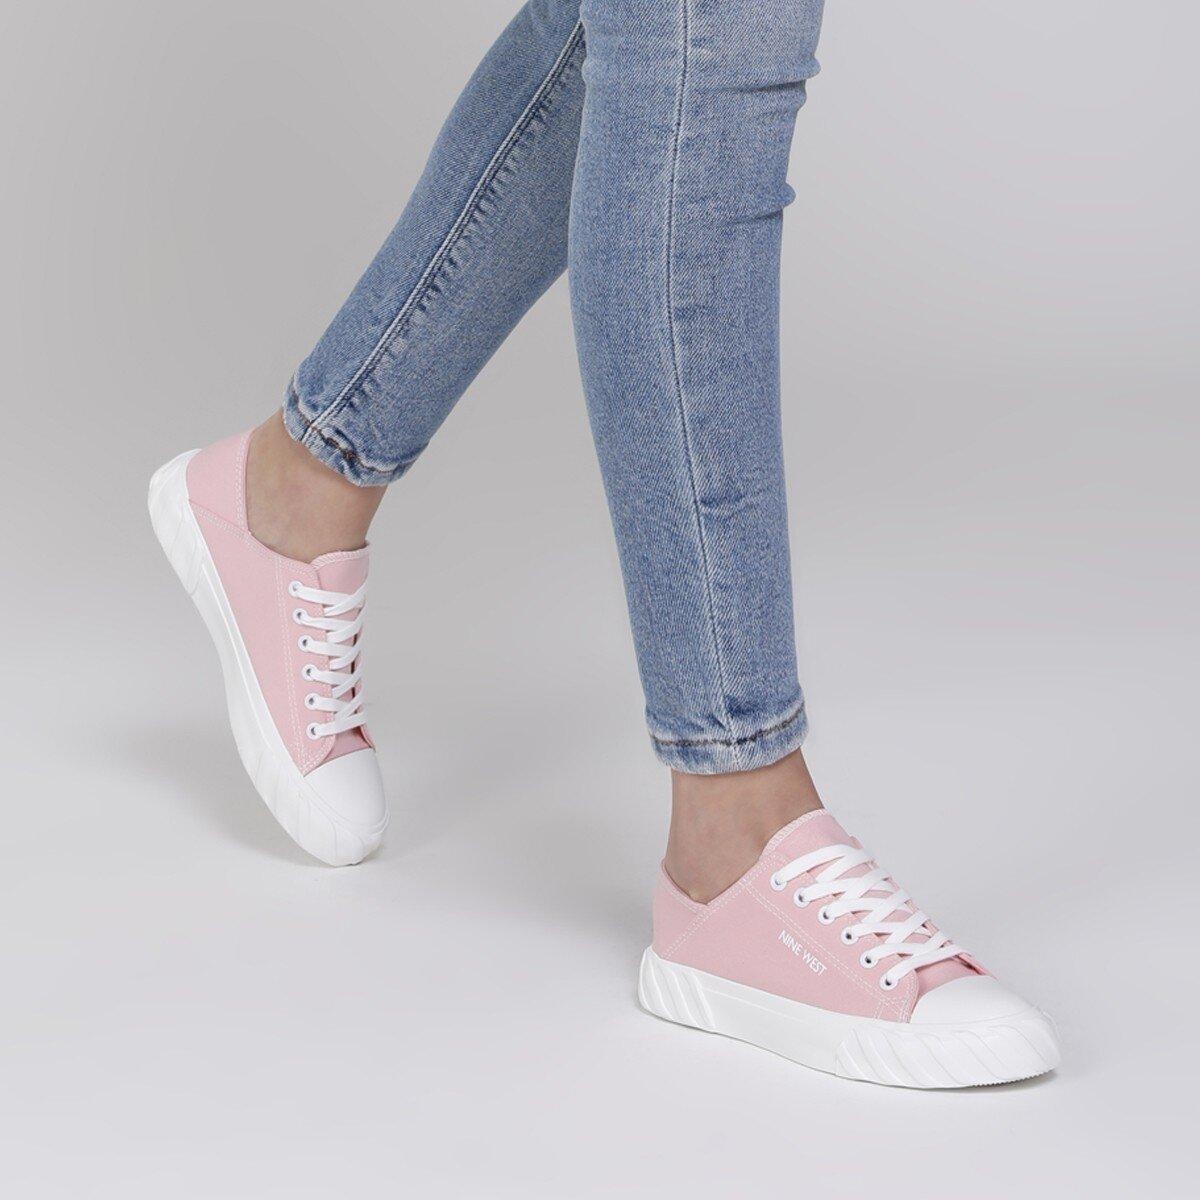 CONNY 1FX Pembe Kadın Spor Ayakkabı